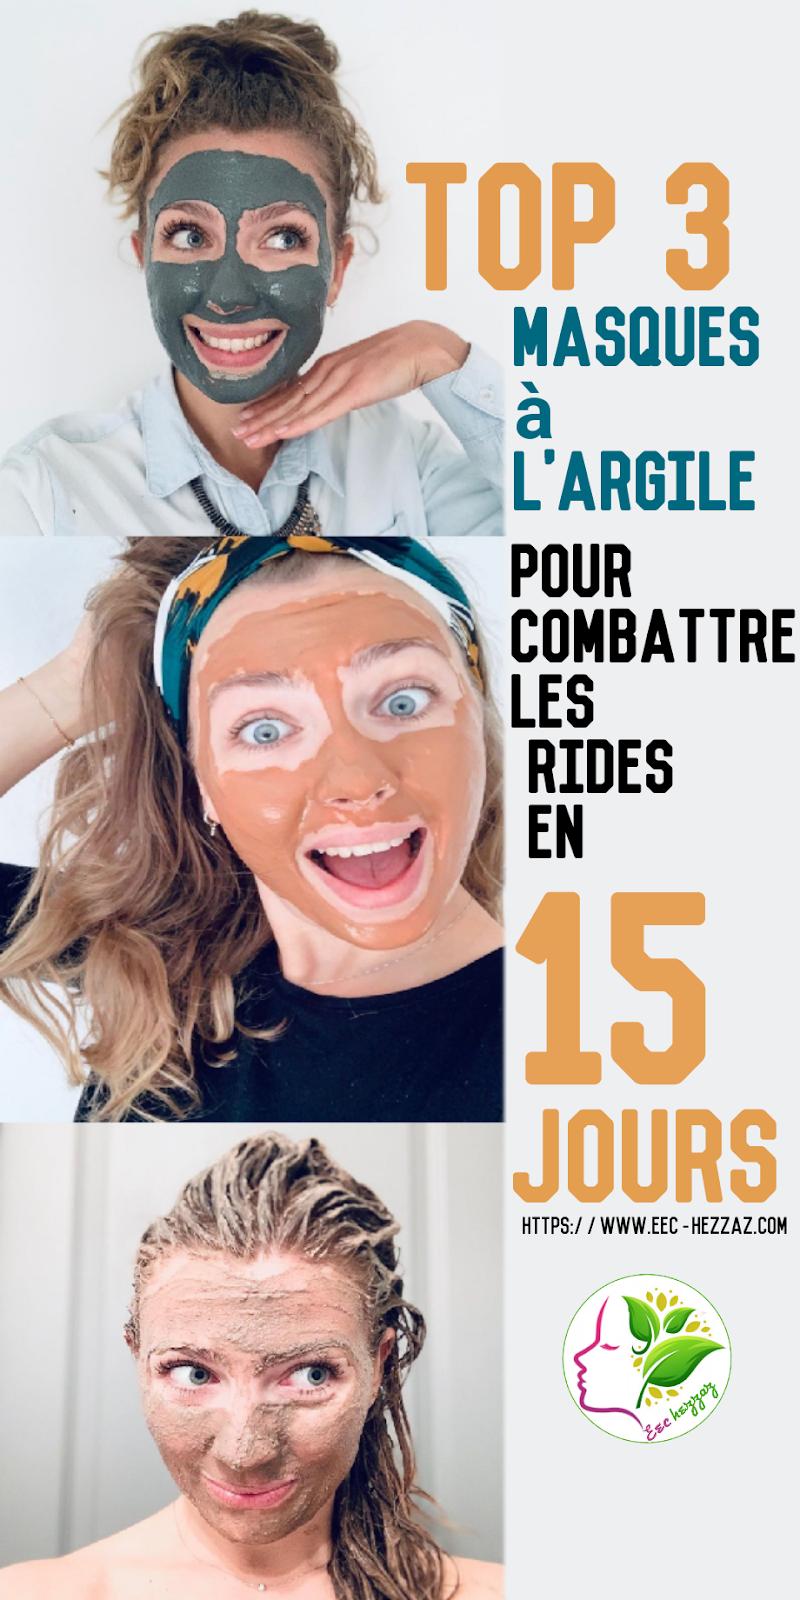 Top 3 masques à l'argile pour combattre les rides en 15 jours